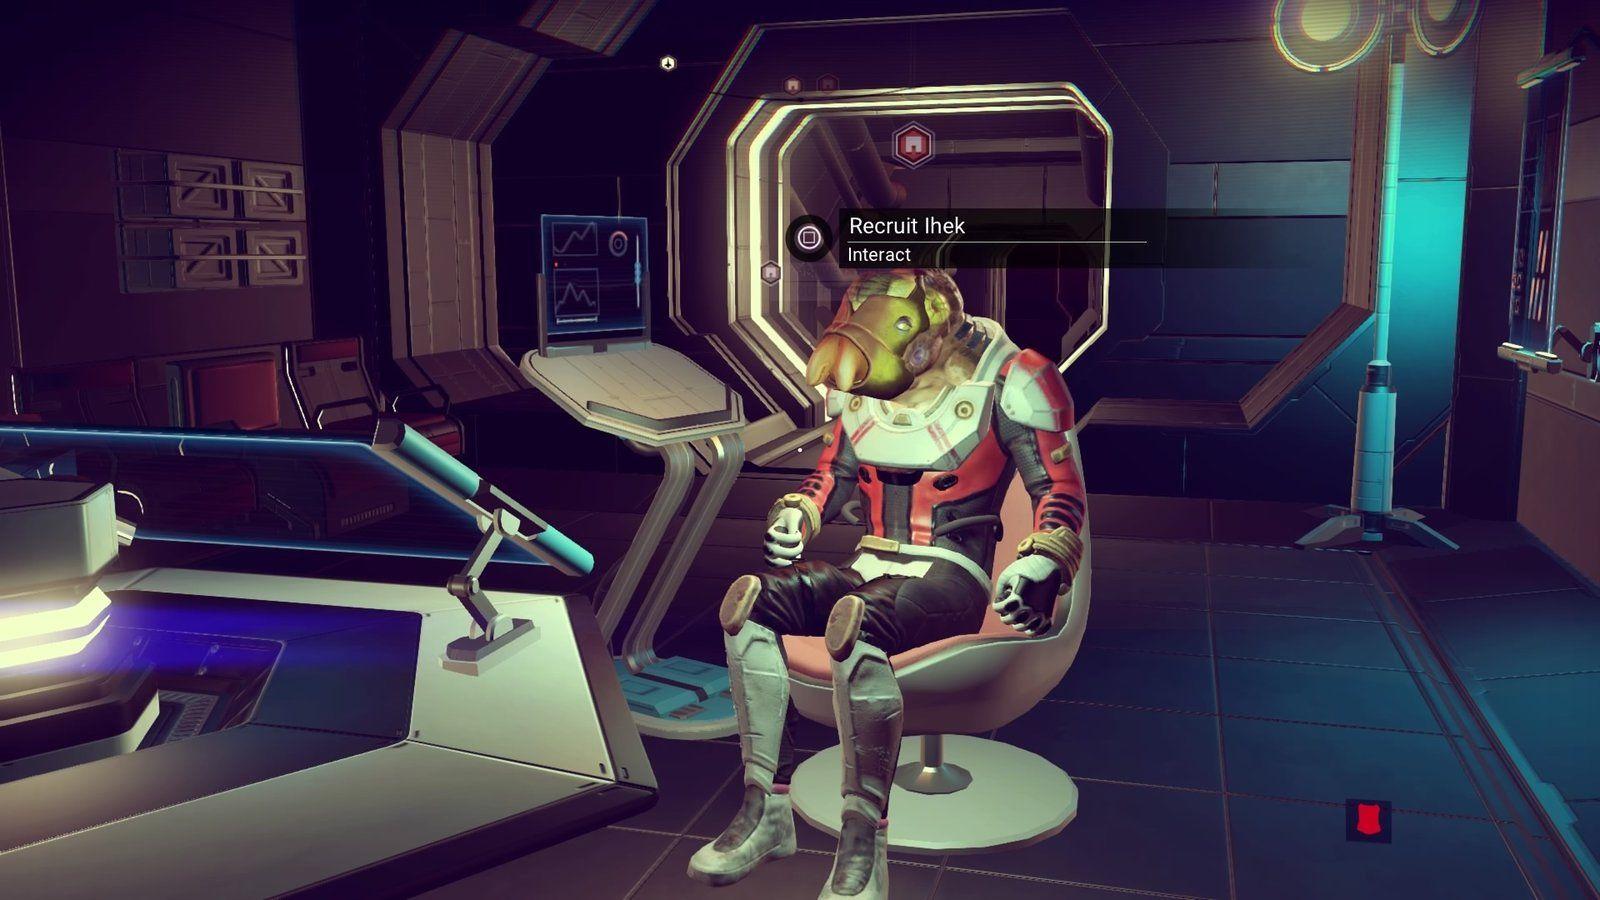 Počas putovania narazíme aj na mimozemský život